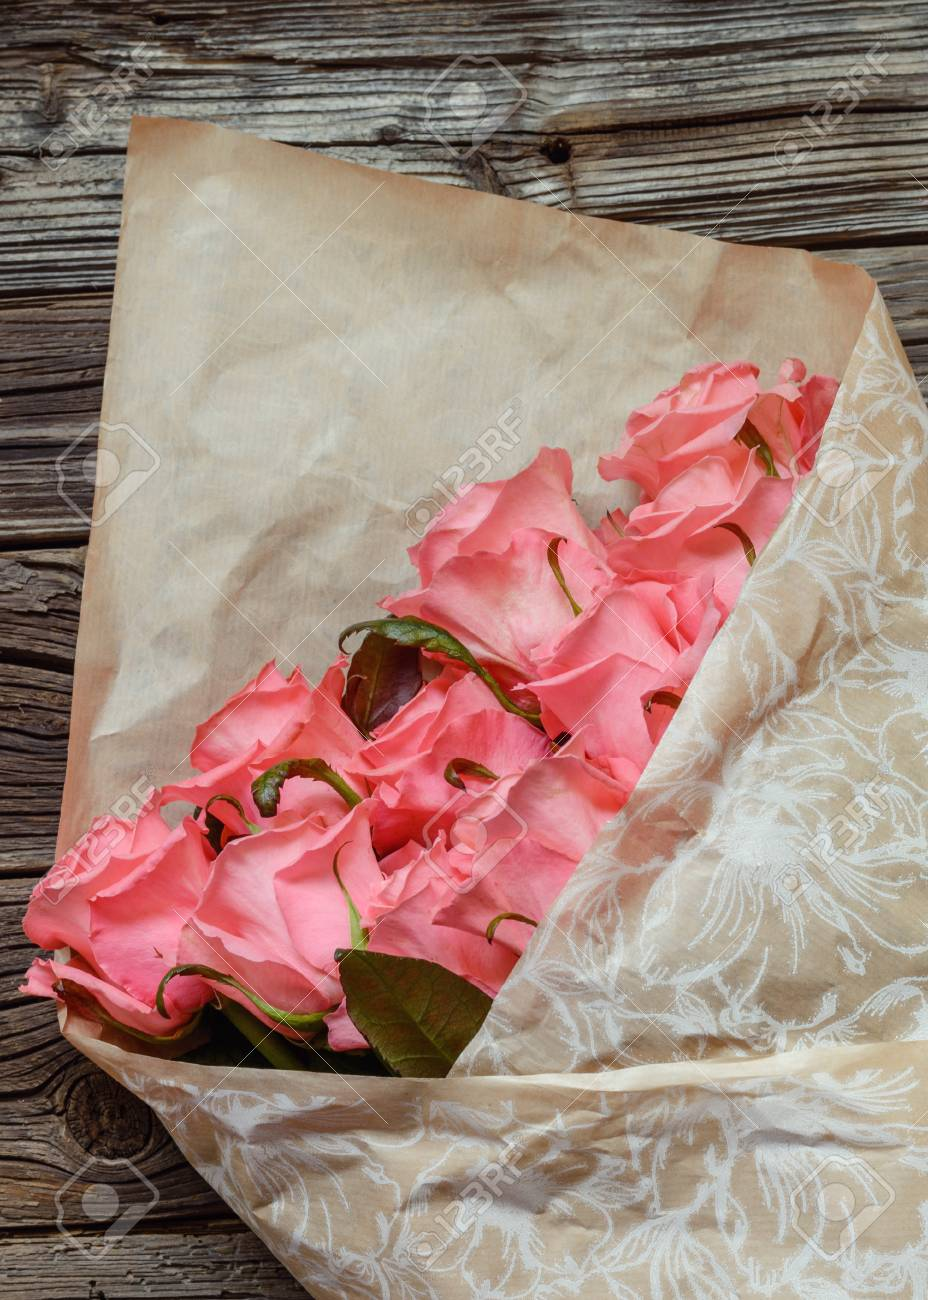 Blumenstrauss Aus Geschenk Verpackt Rosa Rosen Symbolisch Fur Liebe